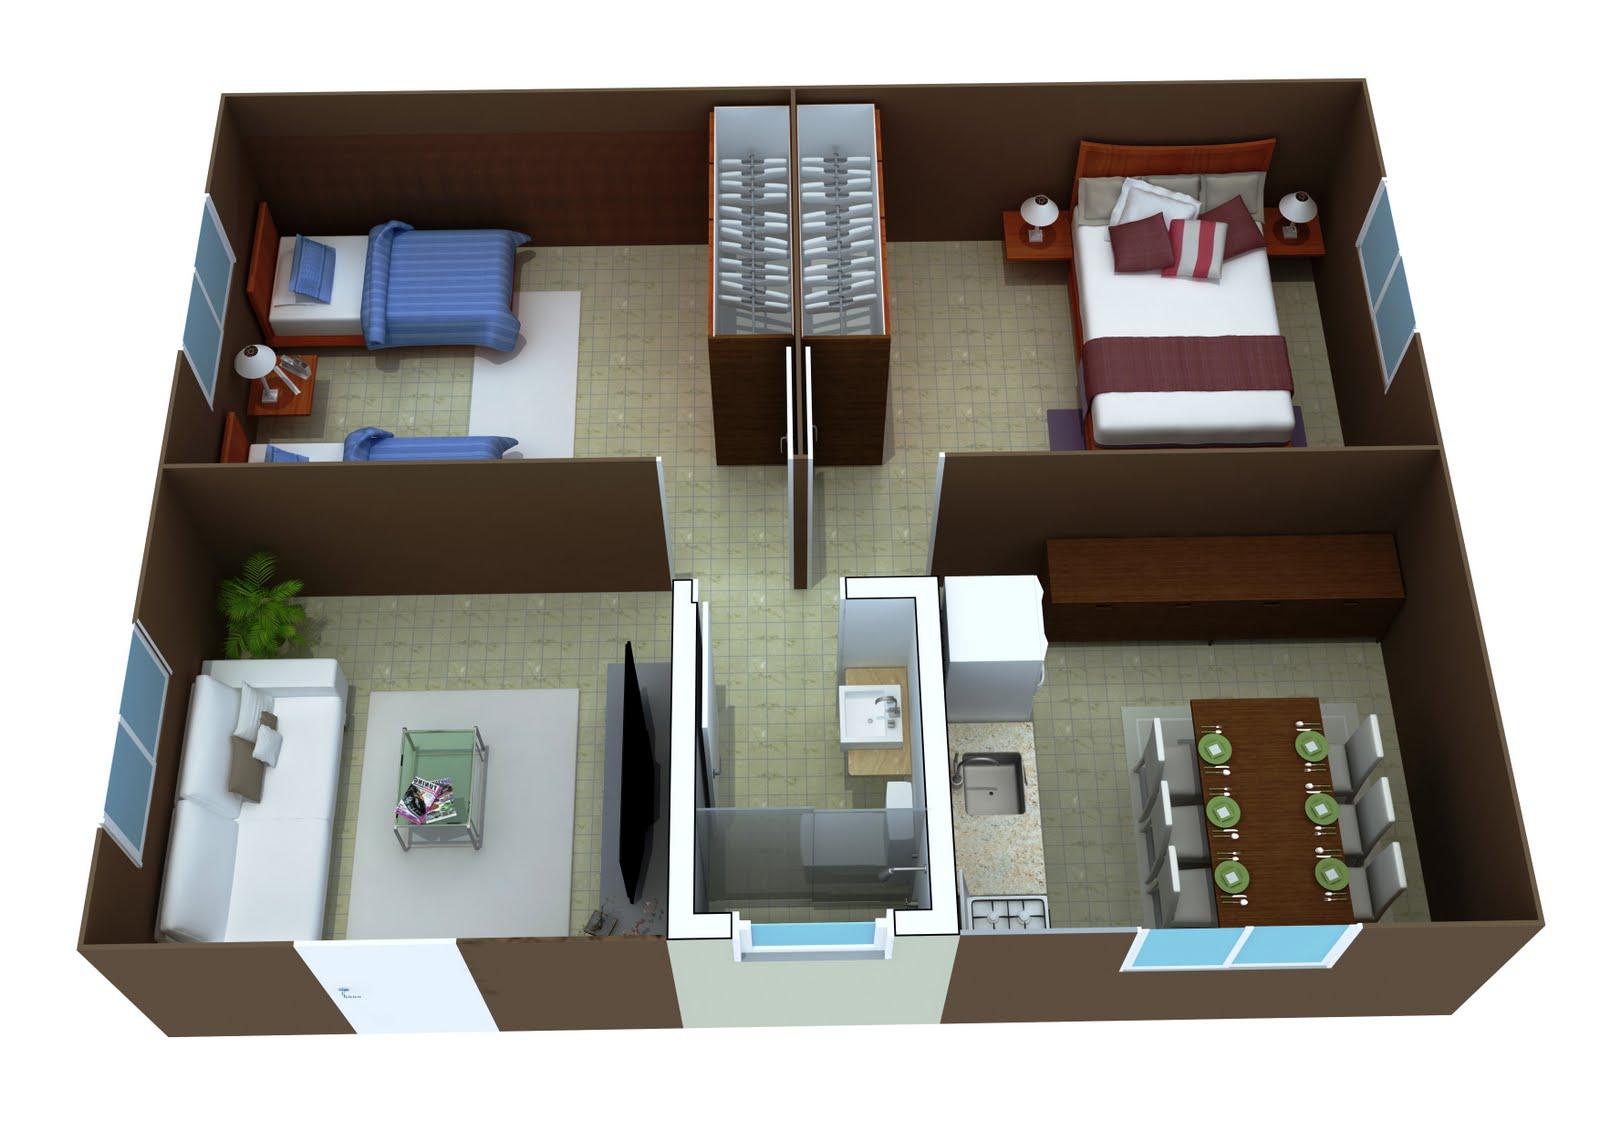 Modelos de plantas de casas em 3d gr tis for Simulador de casas 3d gratis